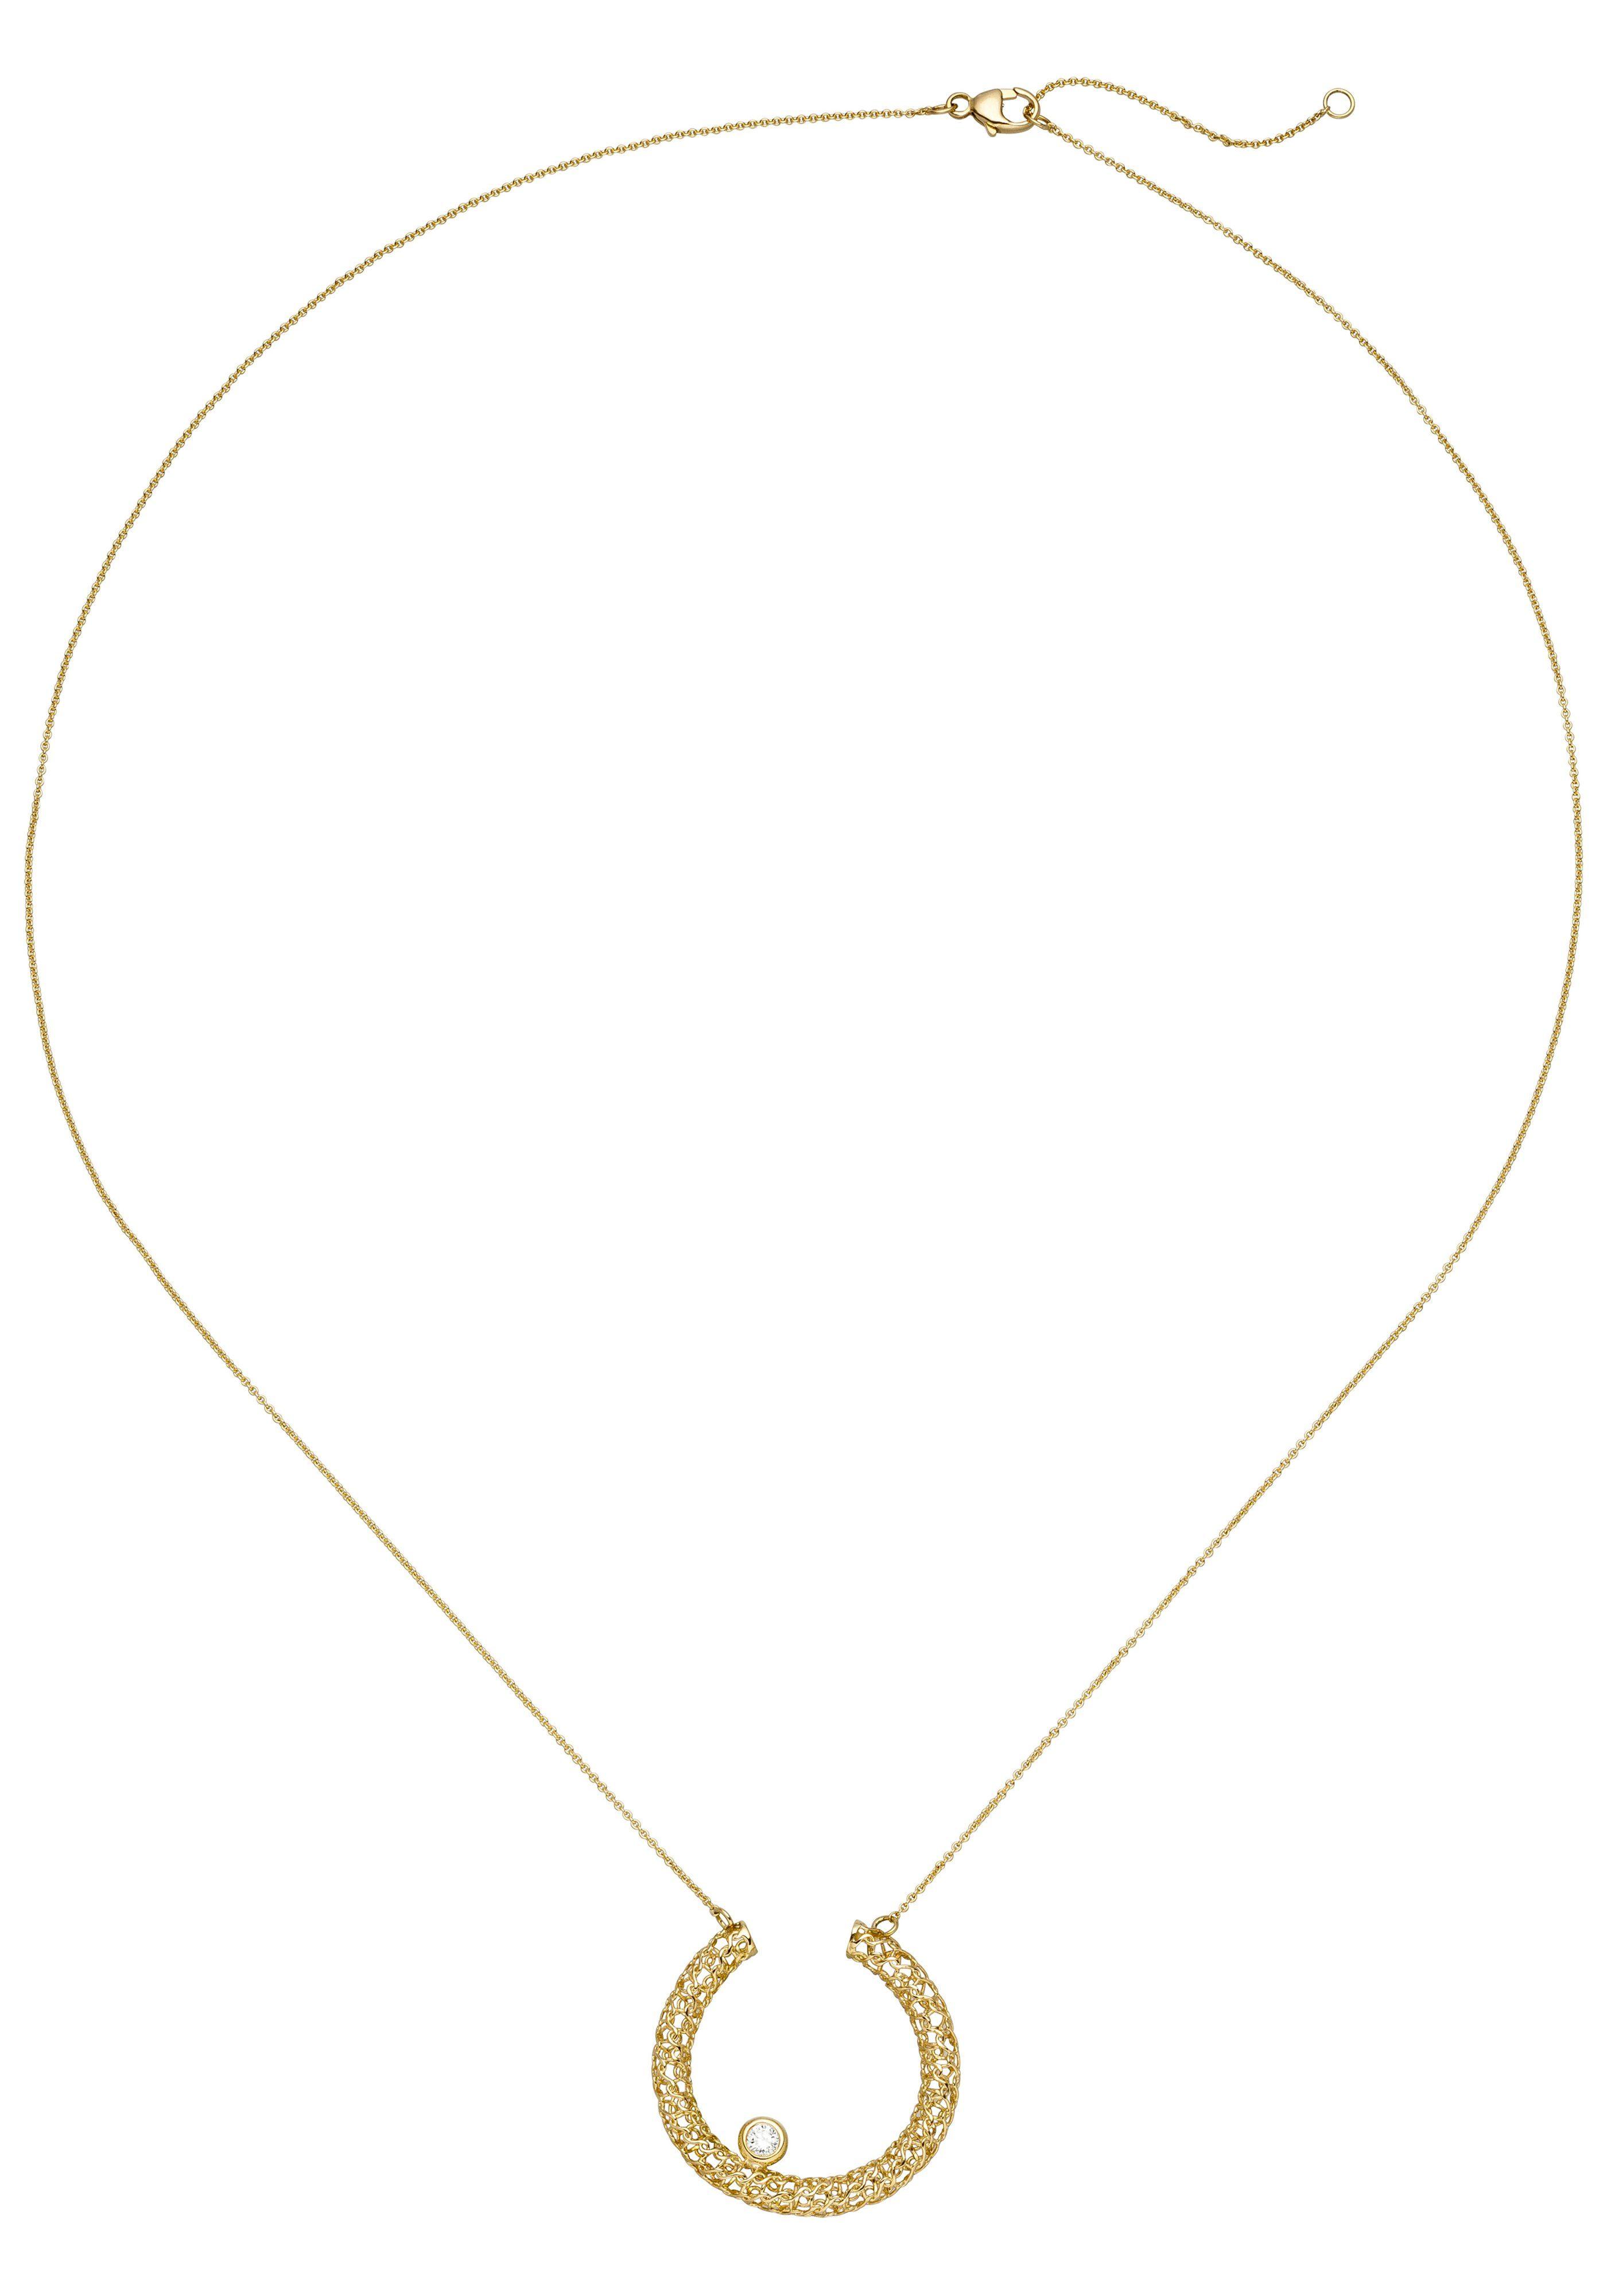 JOBO Collier 750 Gold mit 1 Diamant 45 cm